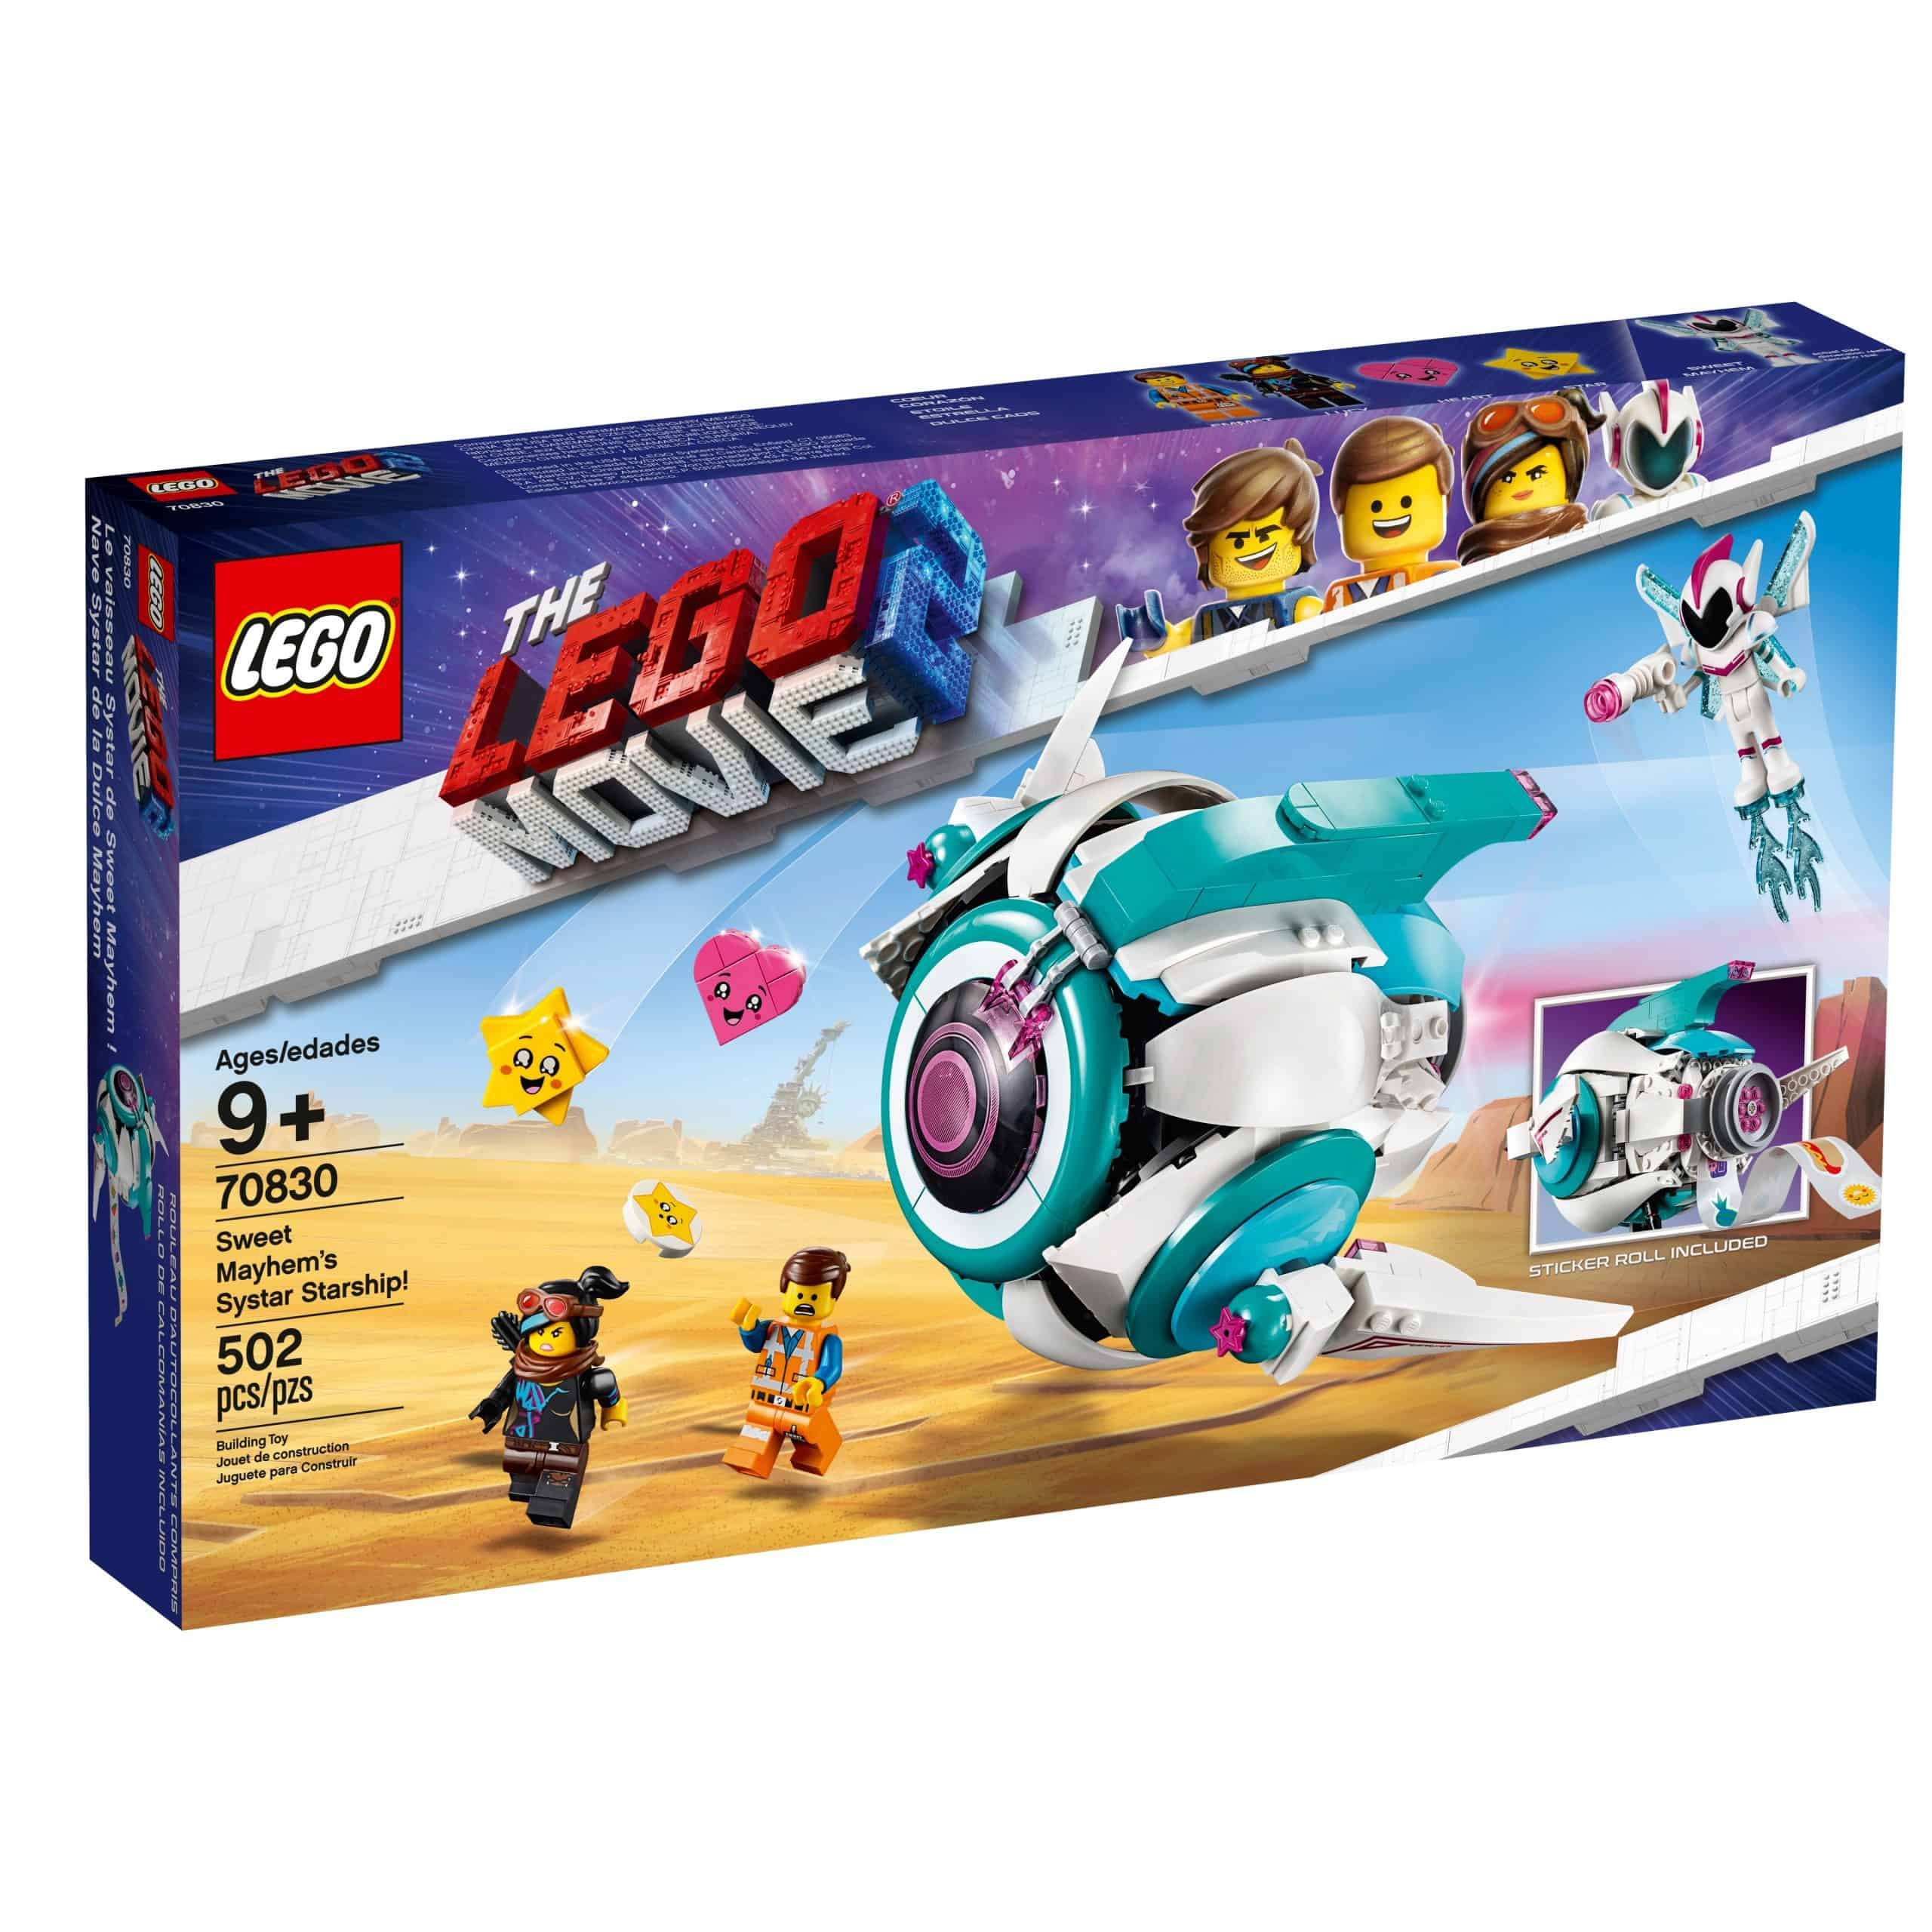 lego 70830 le vaisseau spatial systar de sweet mayhem scaled